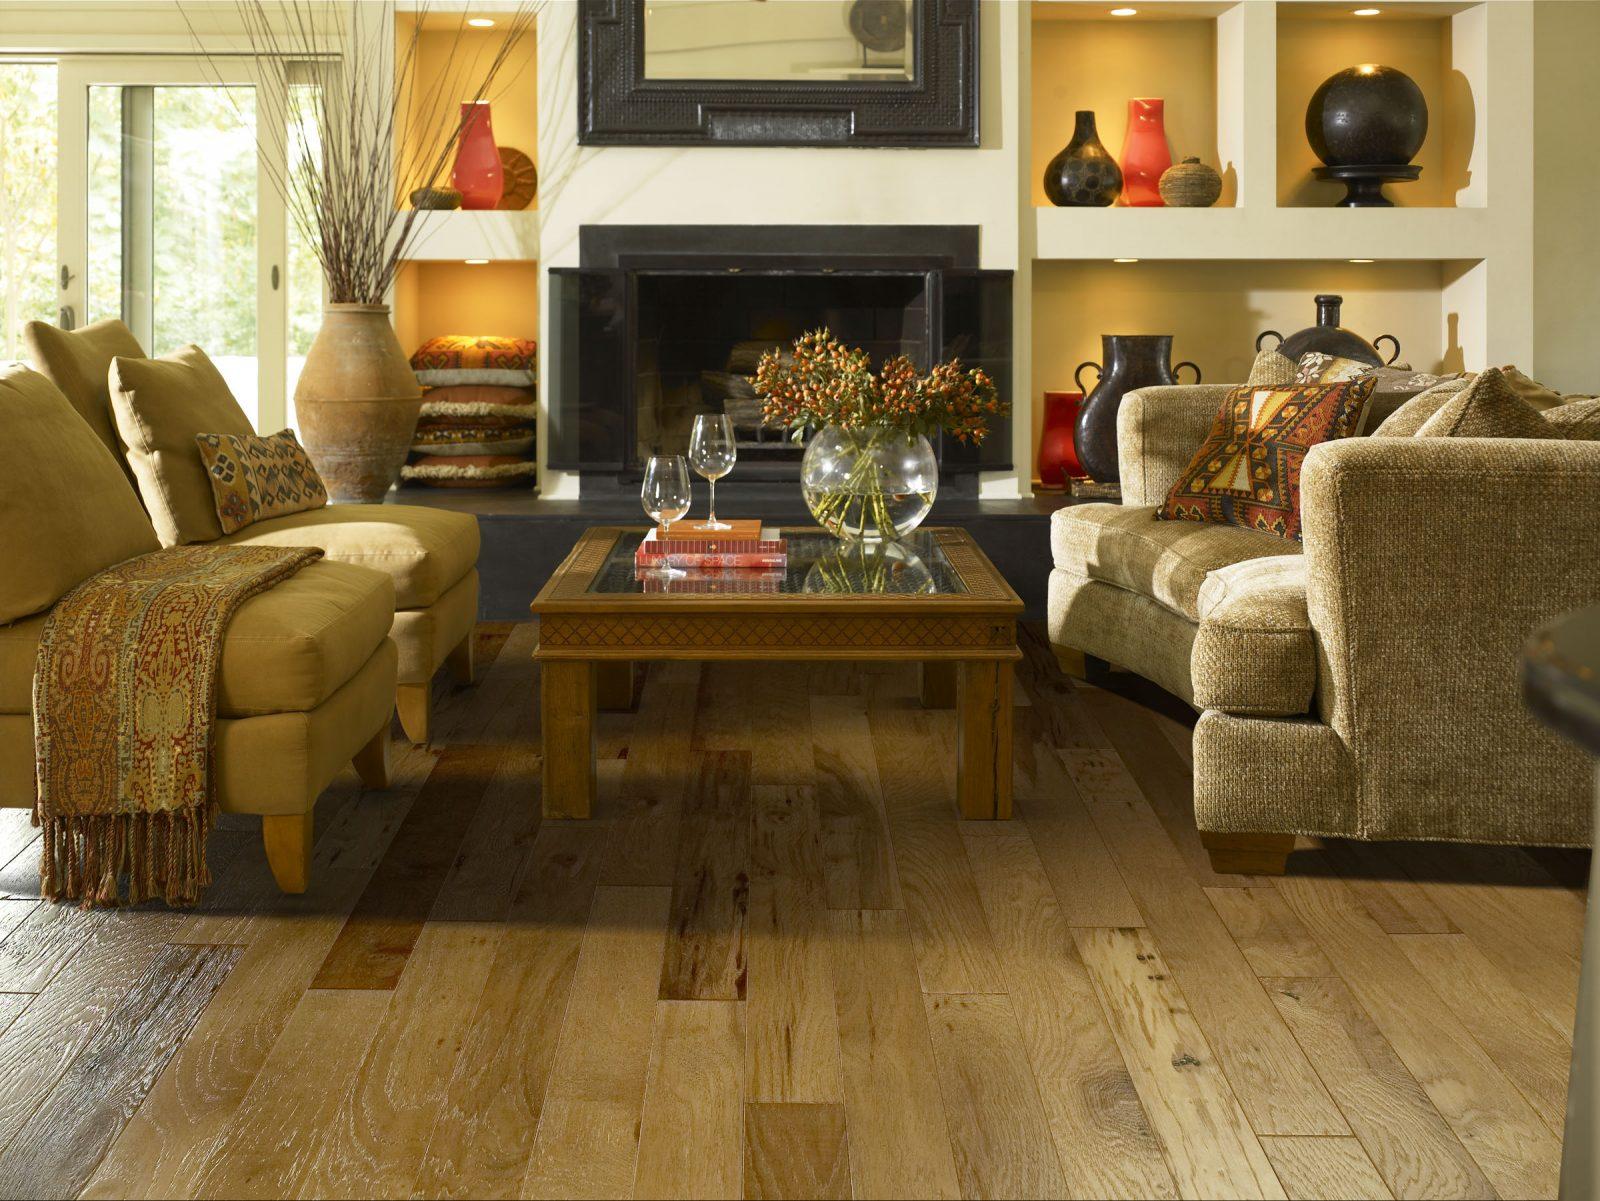 Tish Engineered Hardwood Floor